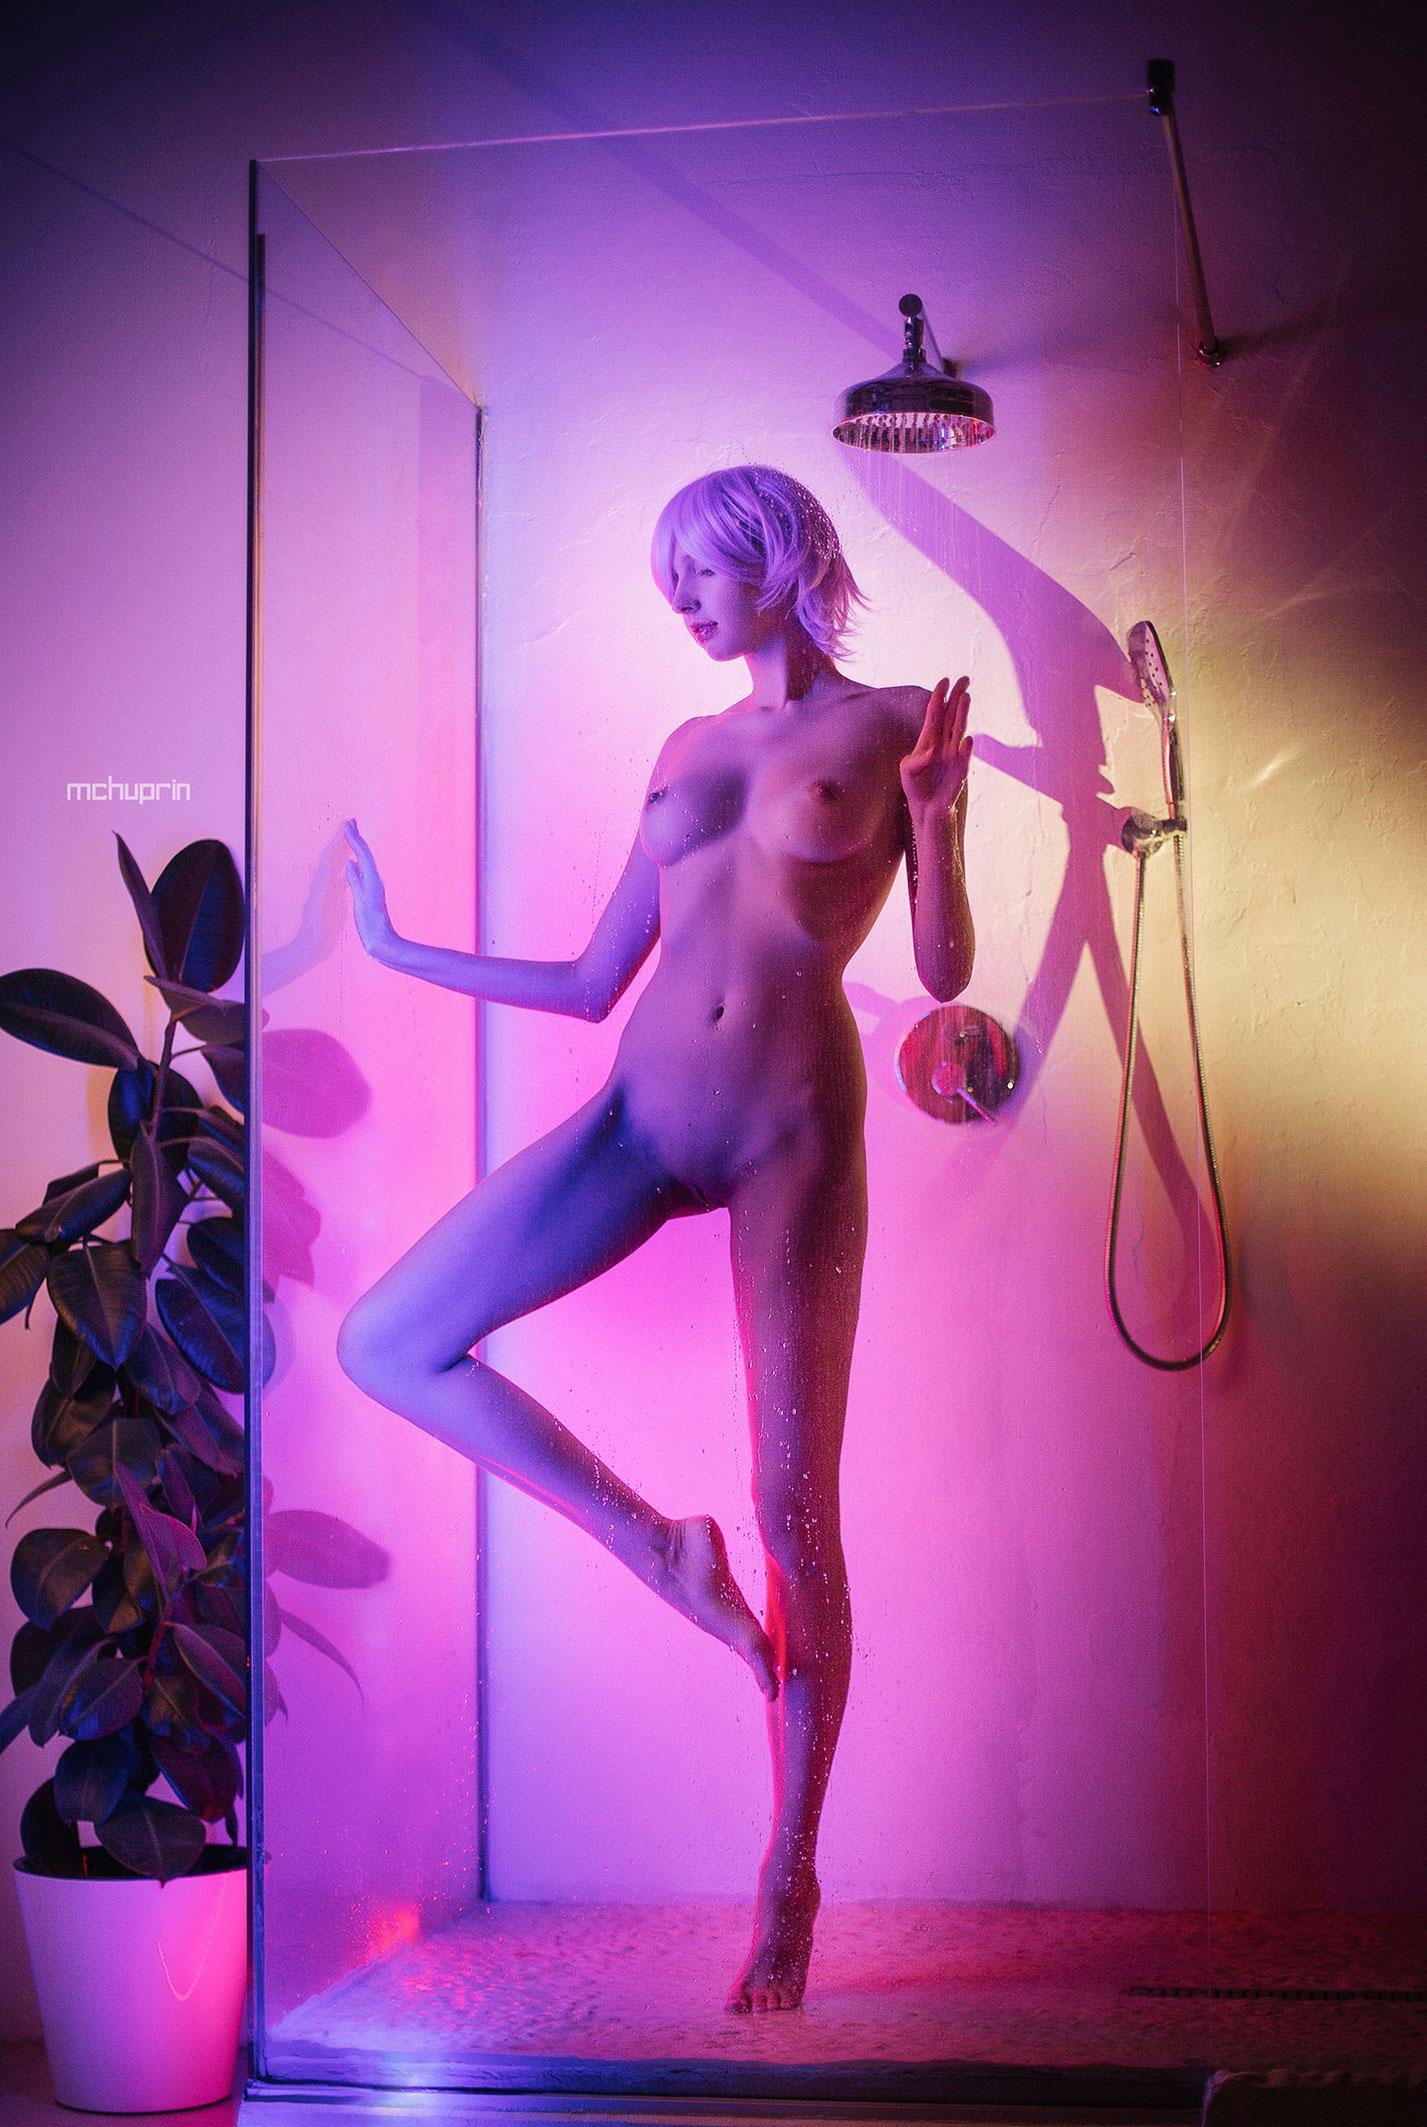 Катерина Райх принимает душ в пурпурных тонах / фото 02